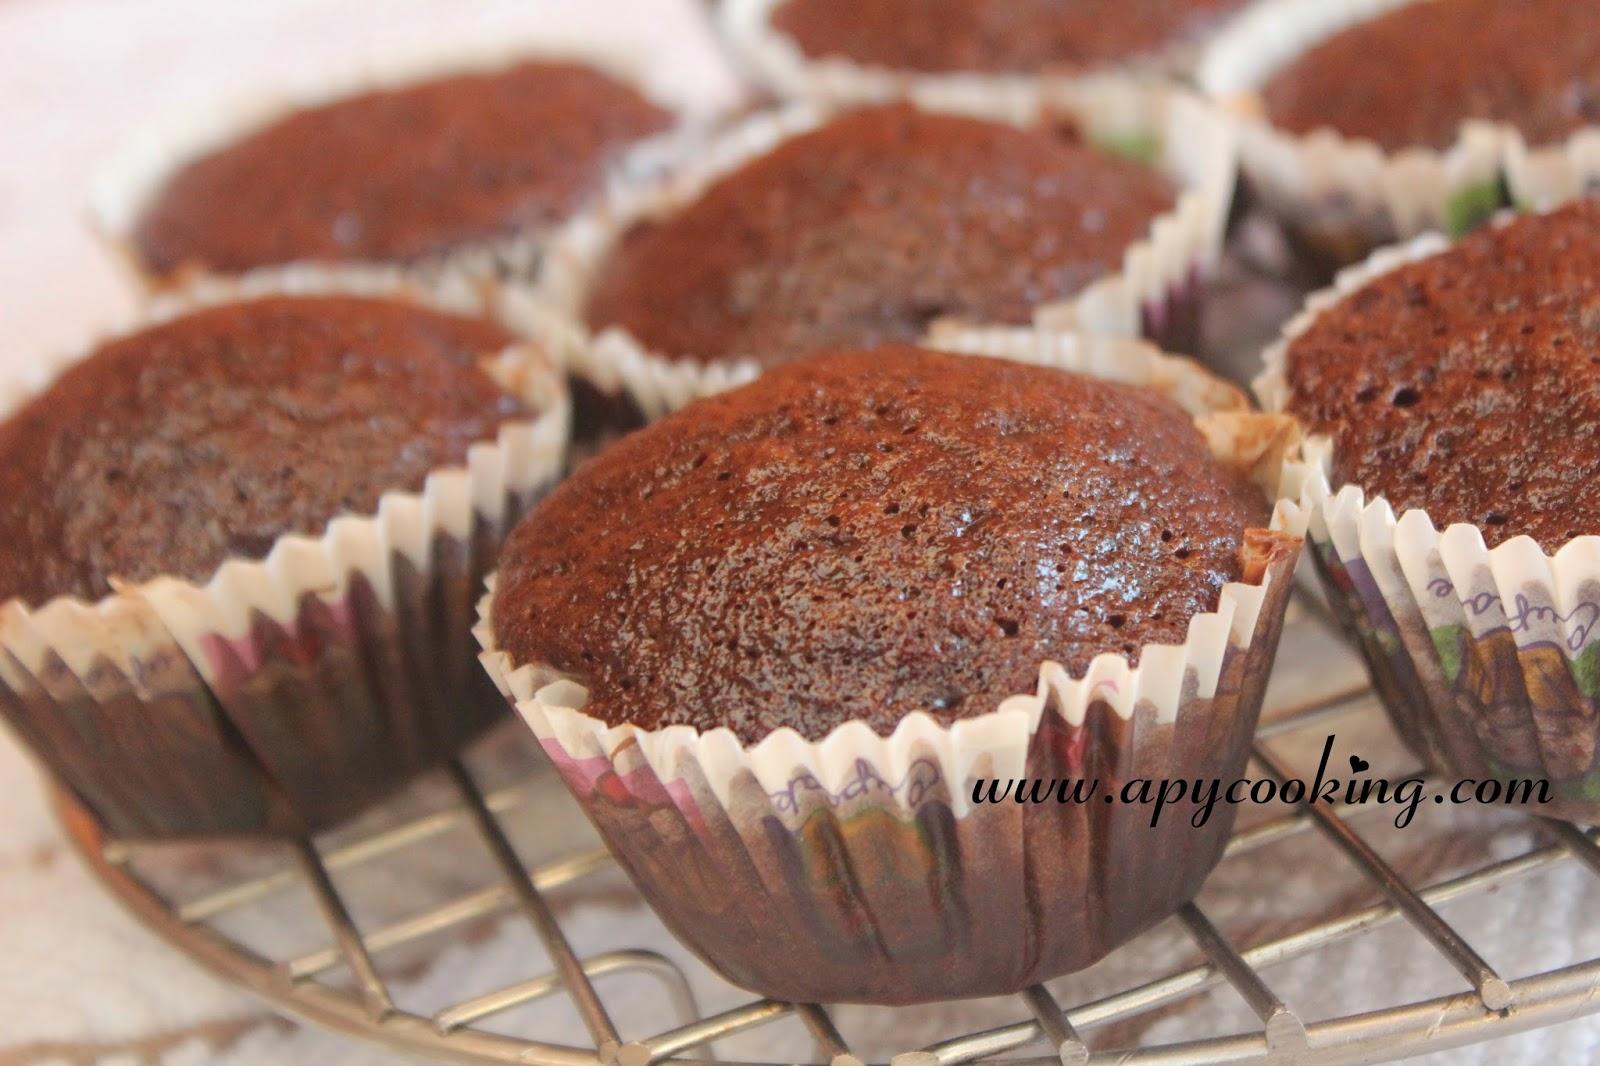 Chocolate Eggless Cake Recipe In Pressure Cooker